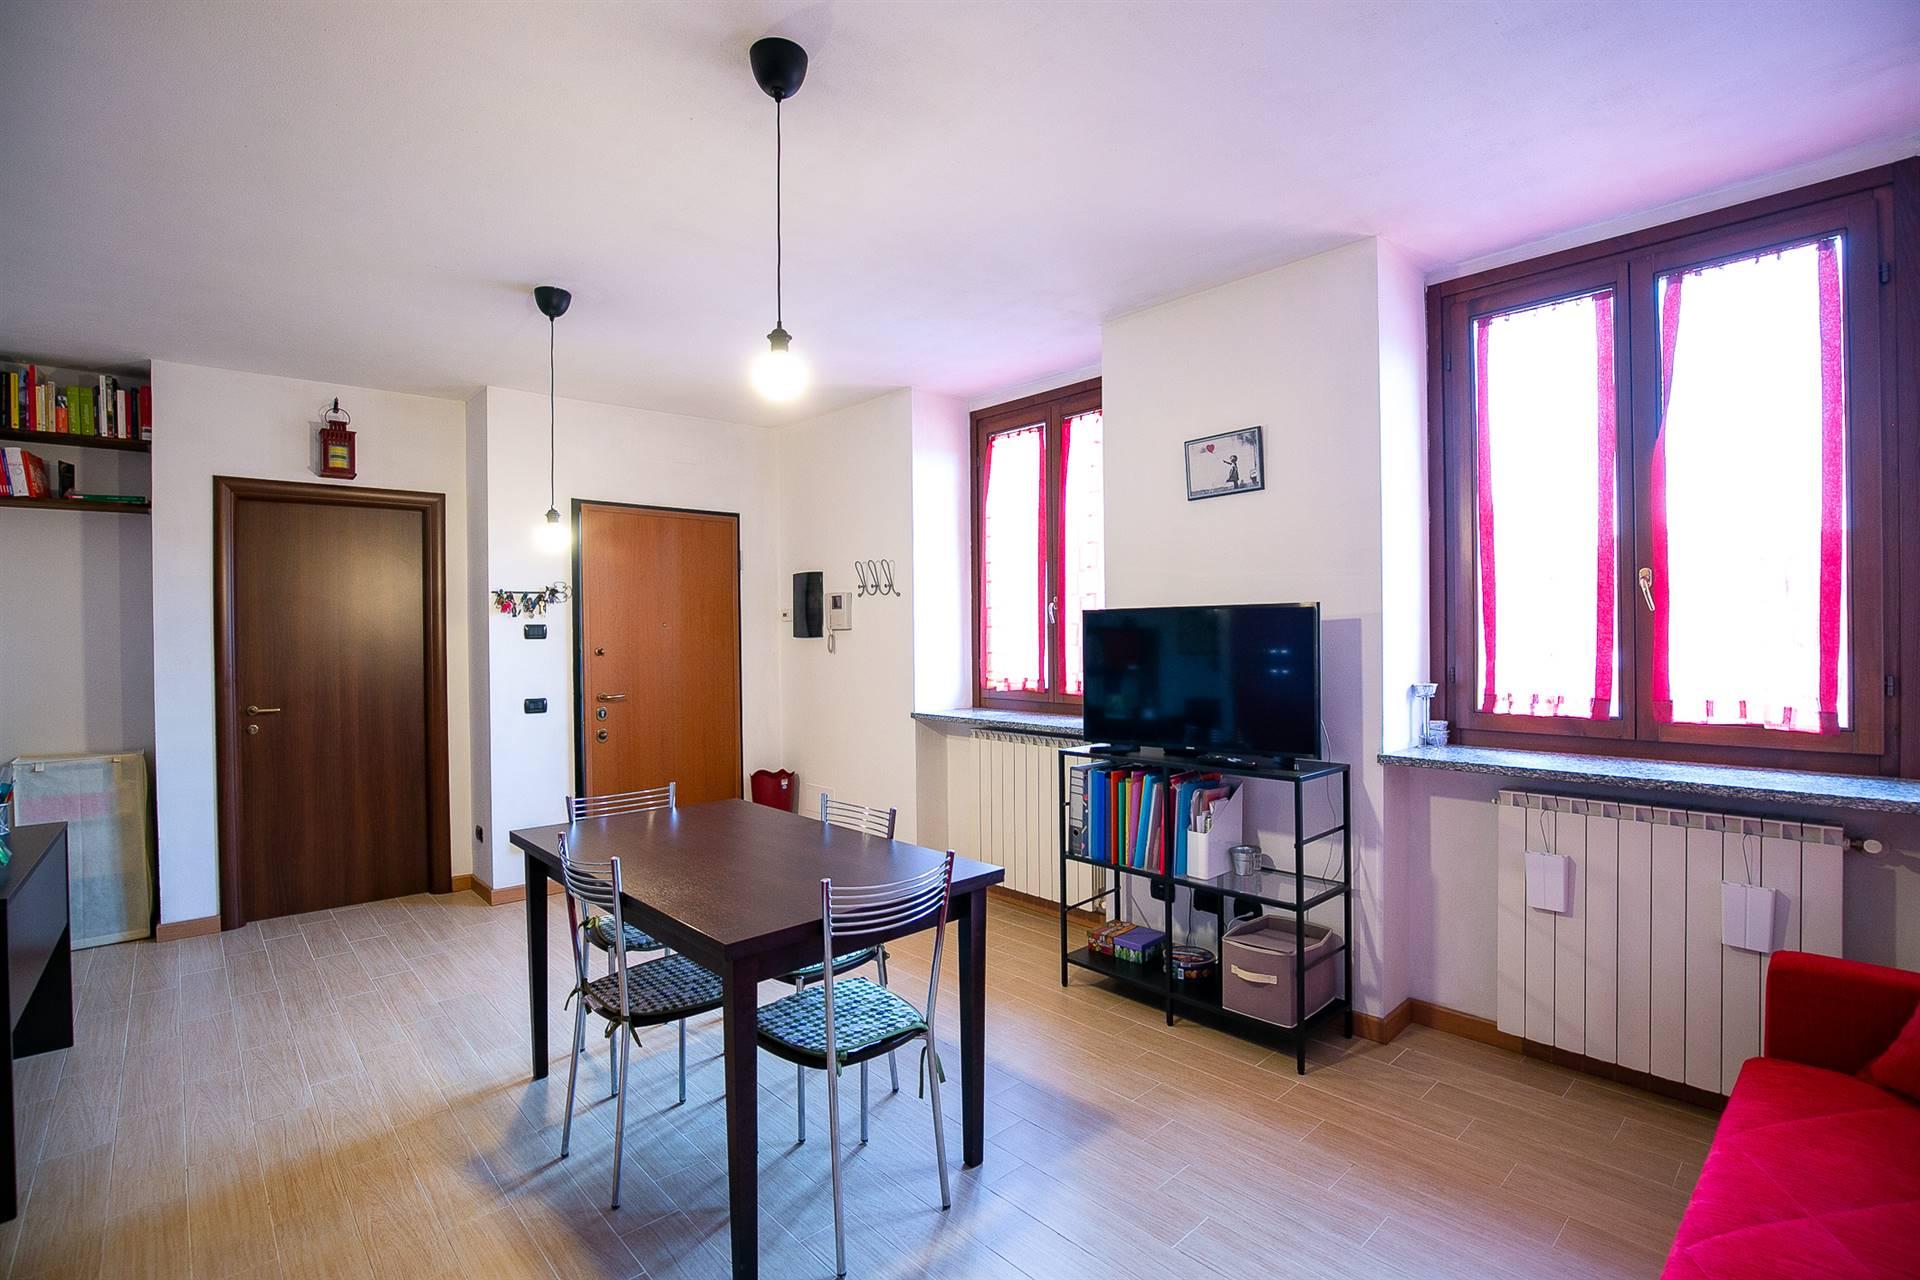 Appartamento in vendita a Caronno Pertusella, 2 locali, prezzo € 88.000 | CambioCasa.it